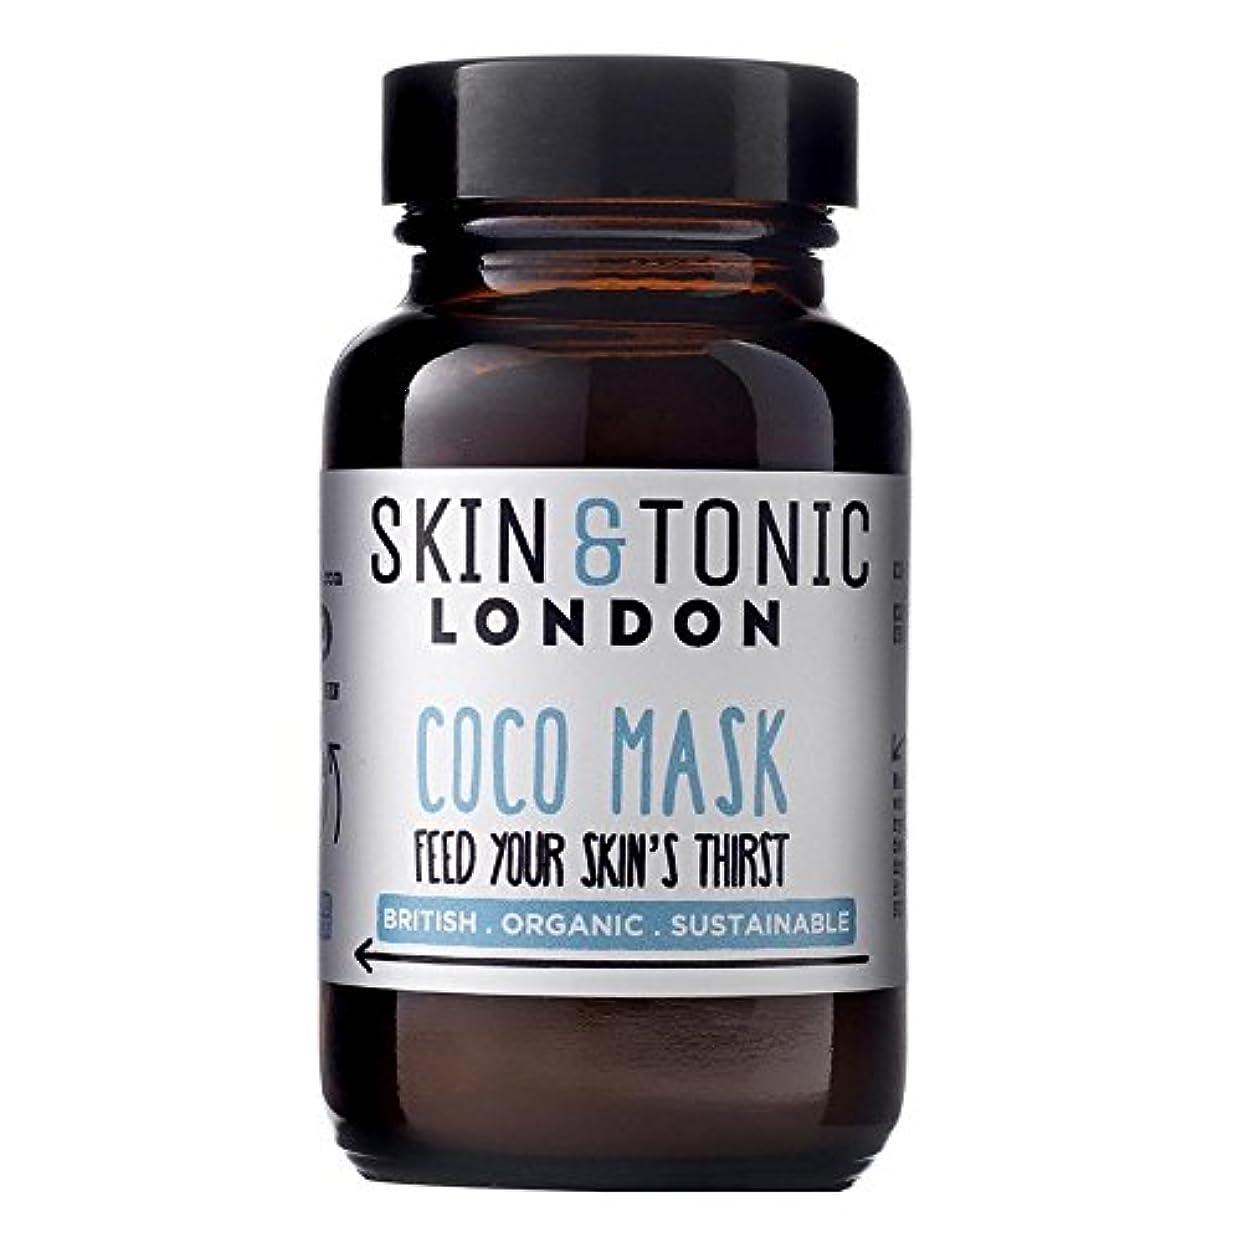 アナロジー十二化石スキン&トニックロンドンココマスク50グラム x2 - Skin & Tonic London Coco Mask 50g (Pack of 2) [並行輸入品]